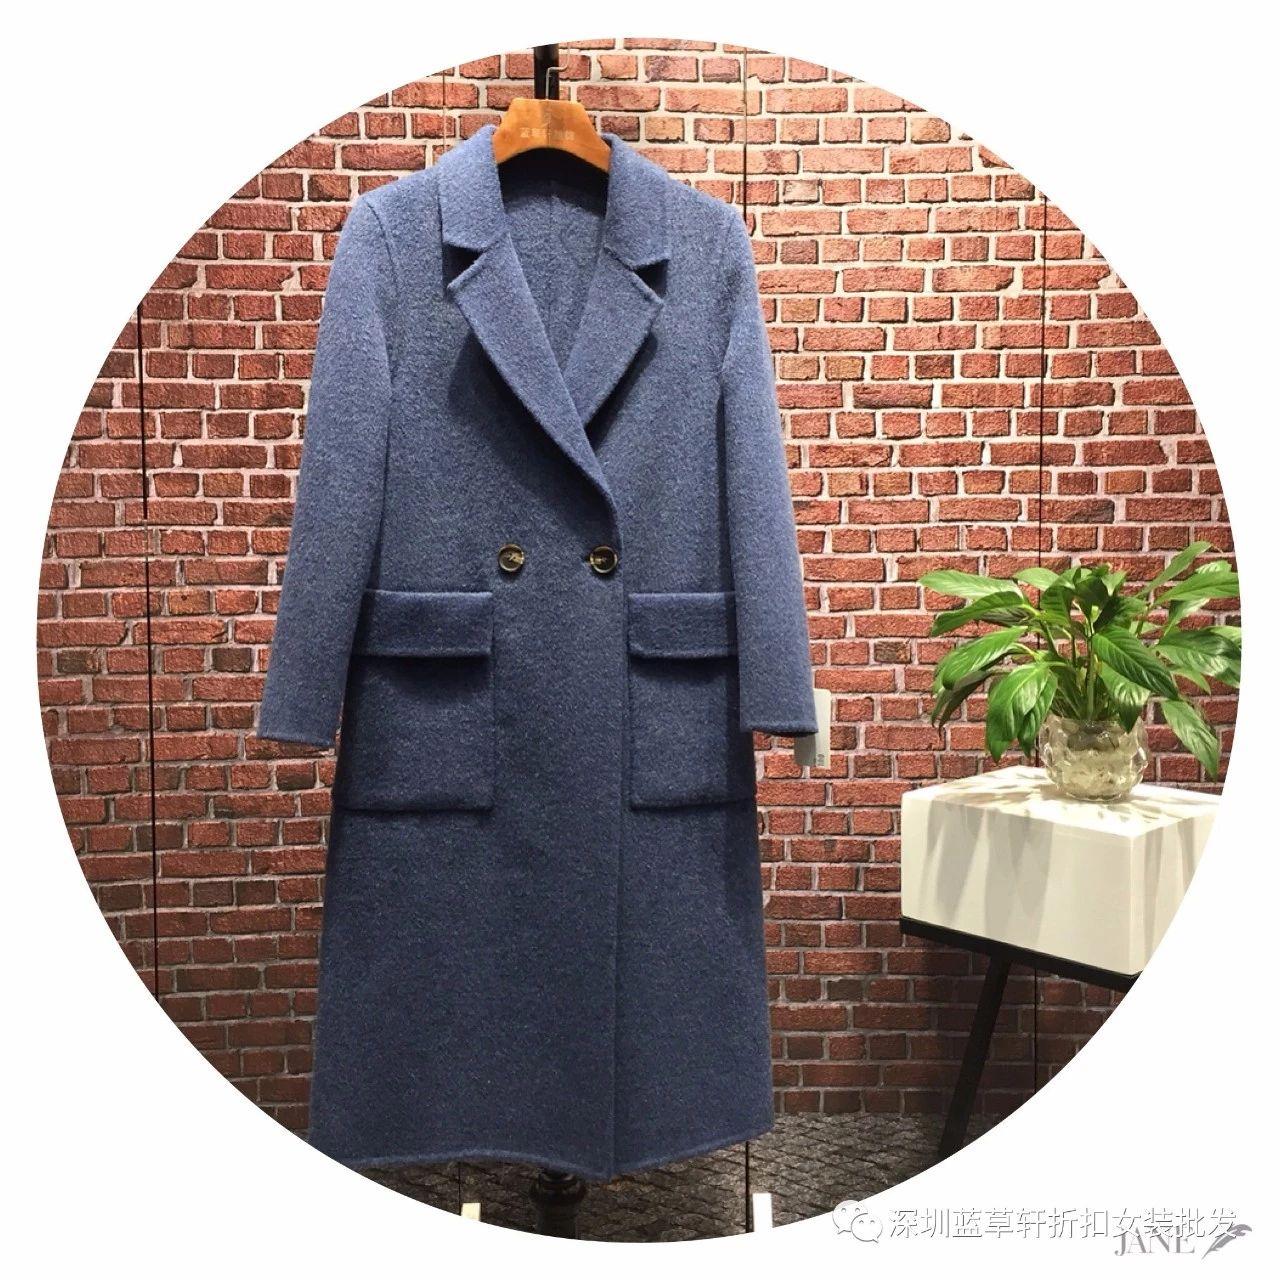 厂家批发 高端阿尔巴卡羊驼绒大衣女短款韩版时尚羊毛呢外套